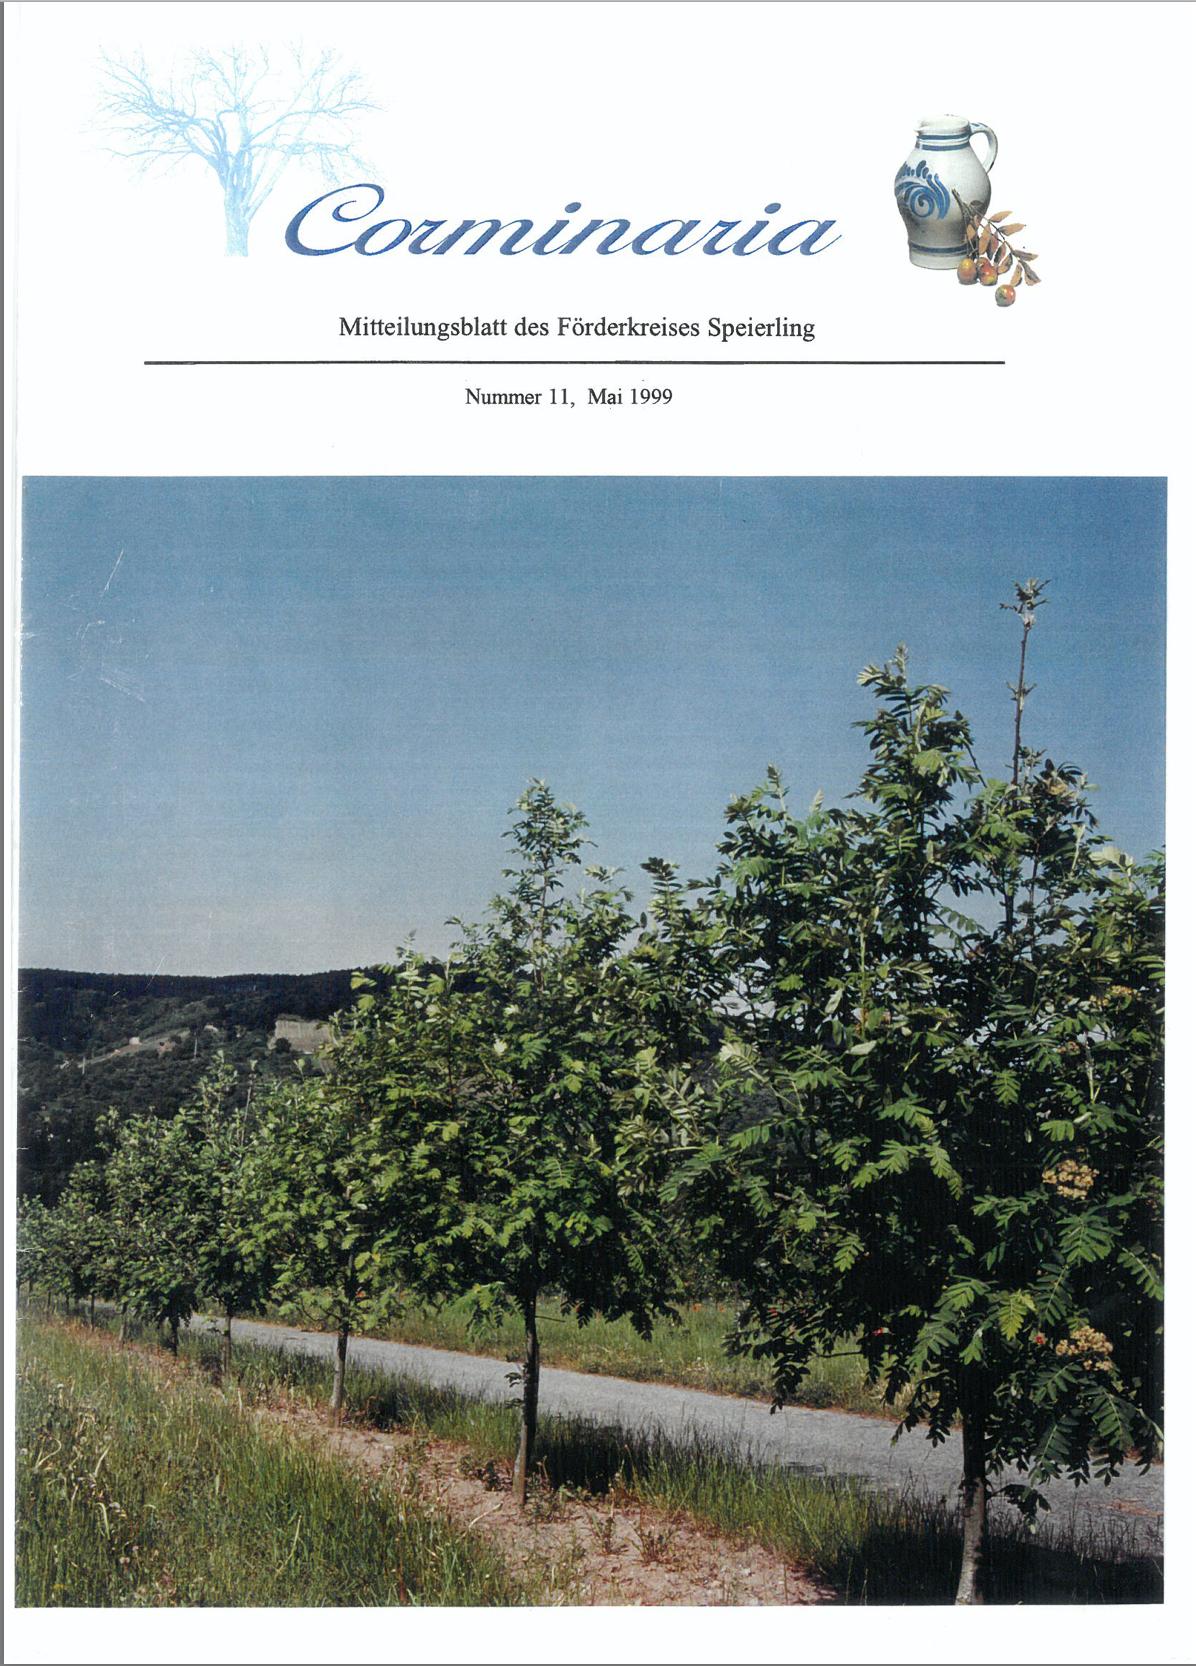 Corminaria Heft Nr. 11